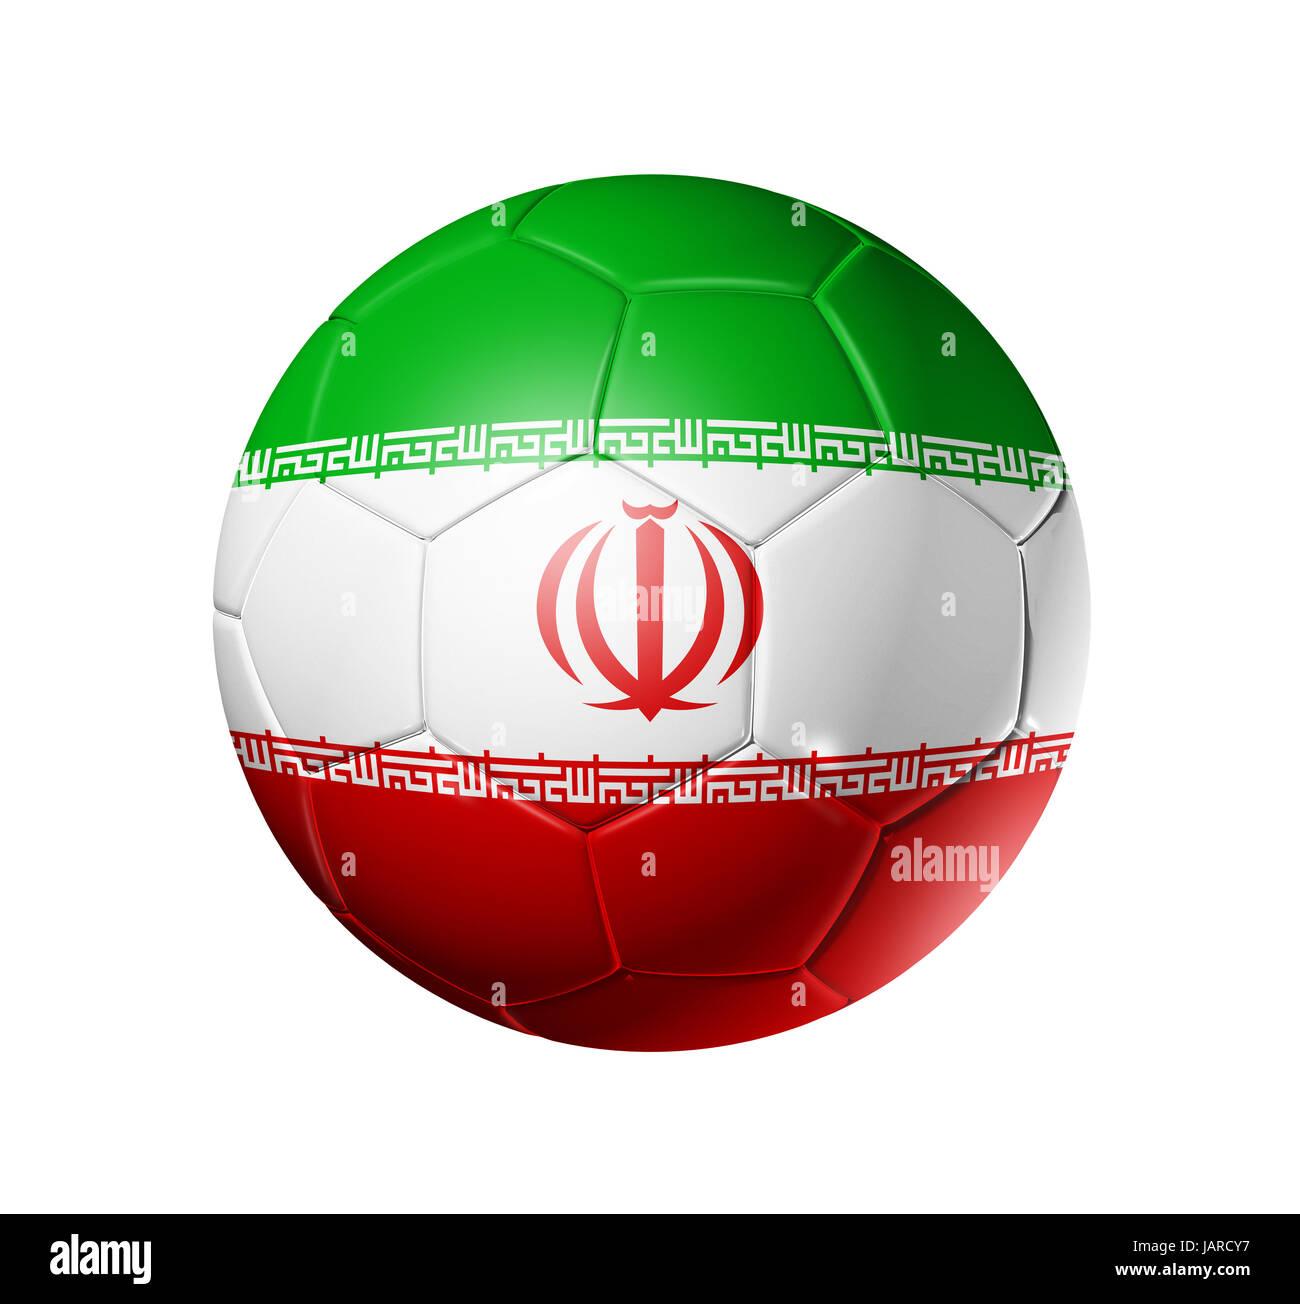 0d676acda60 3D soccer ball with Iran team flag